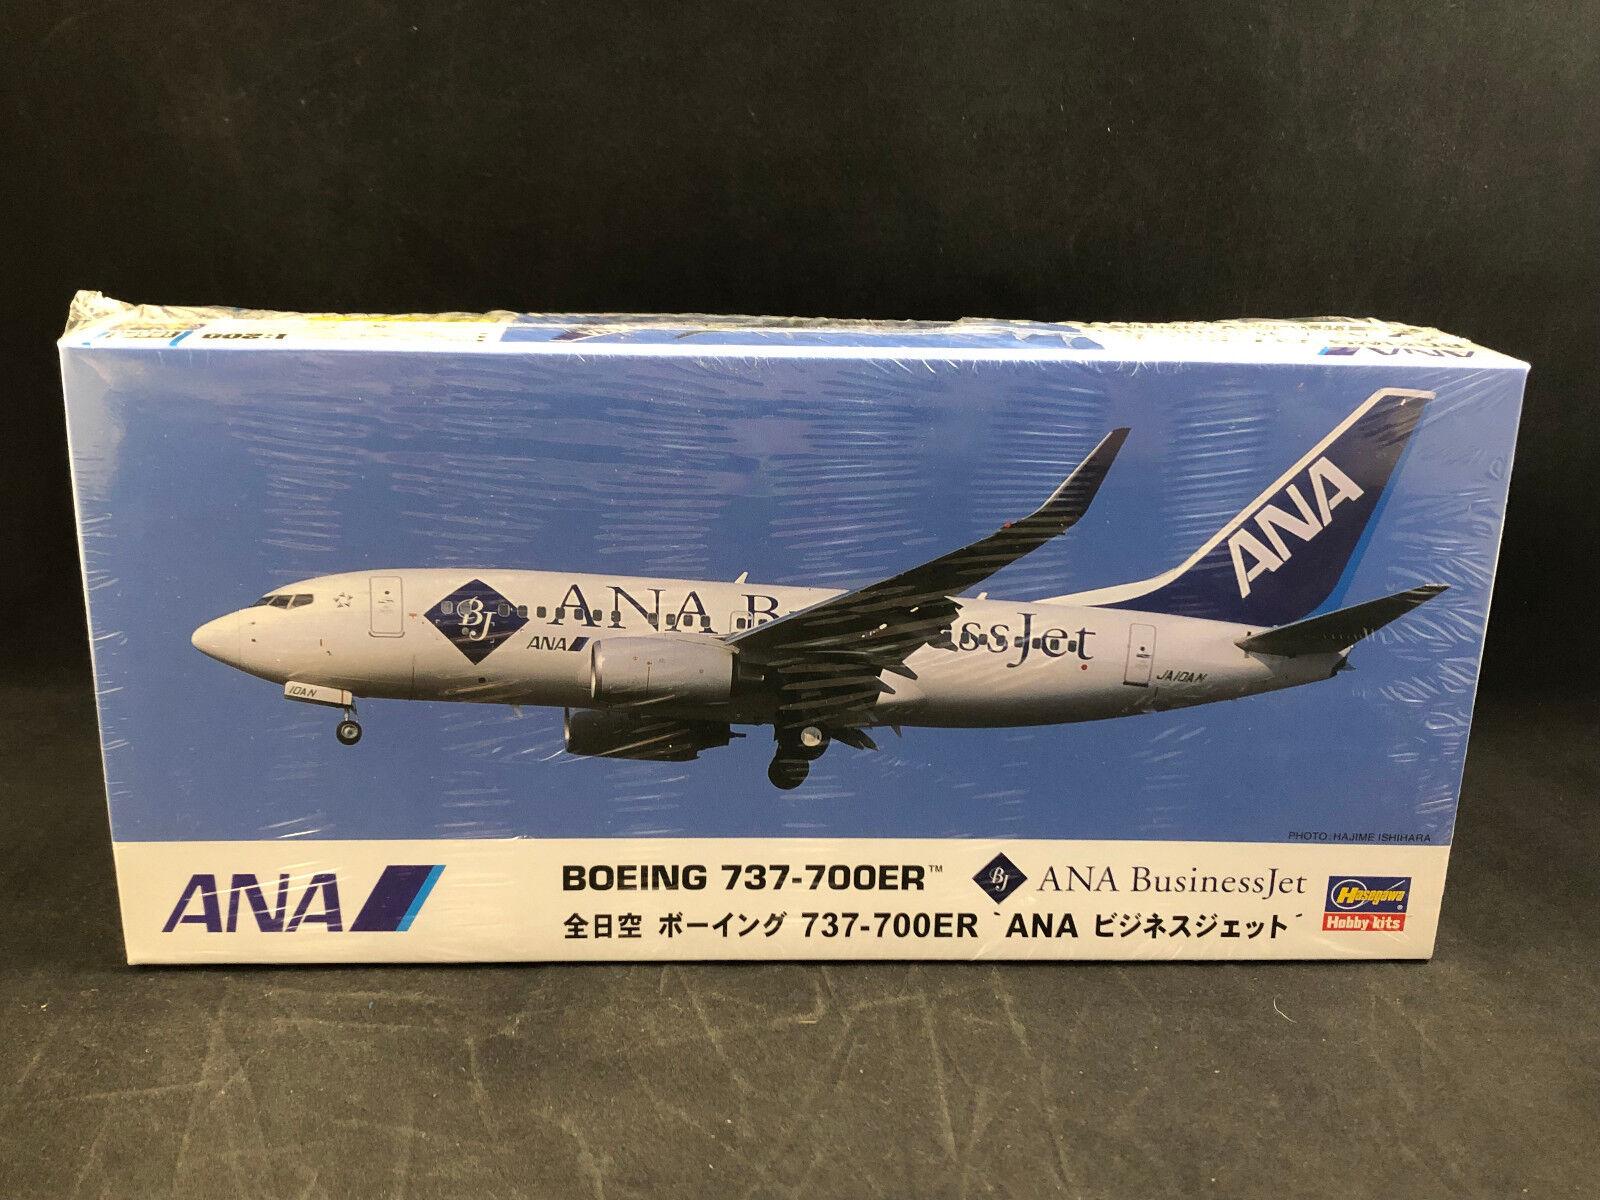 Hasegawa ANA Boeing 737 -70ER bussiness Jet 1 200 skala Plastic modellllerler Kit 10666